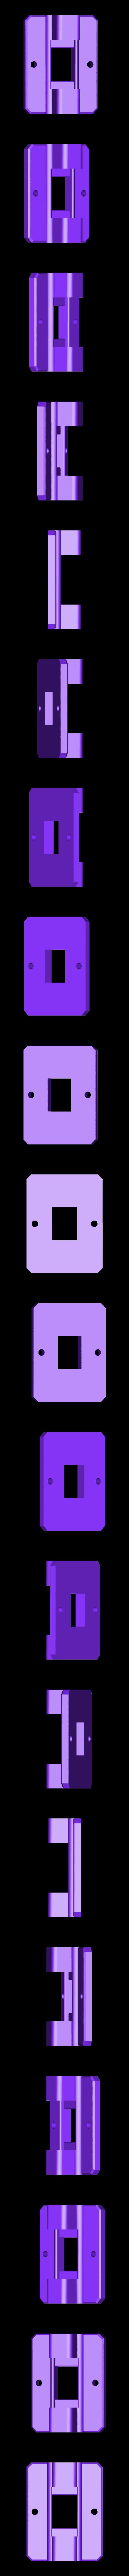 MKS_TFT_70_Flansch_V2.STL Télécharger fichier STL gratuit Écran MKS TFT70 Cover Gehäuse • Design à imprimer en 3D, Leon75